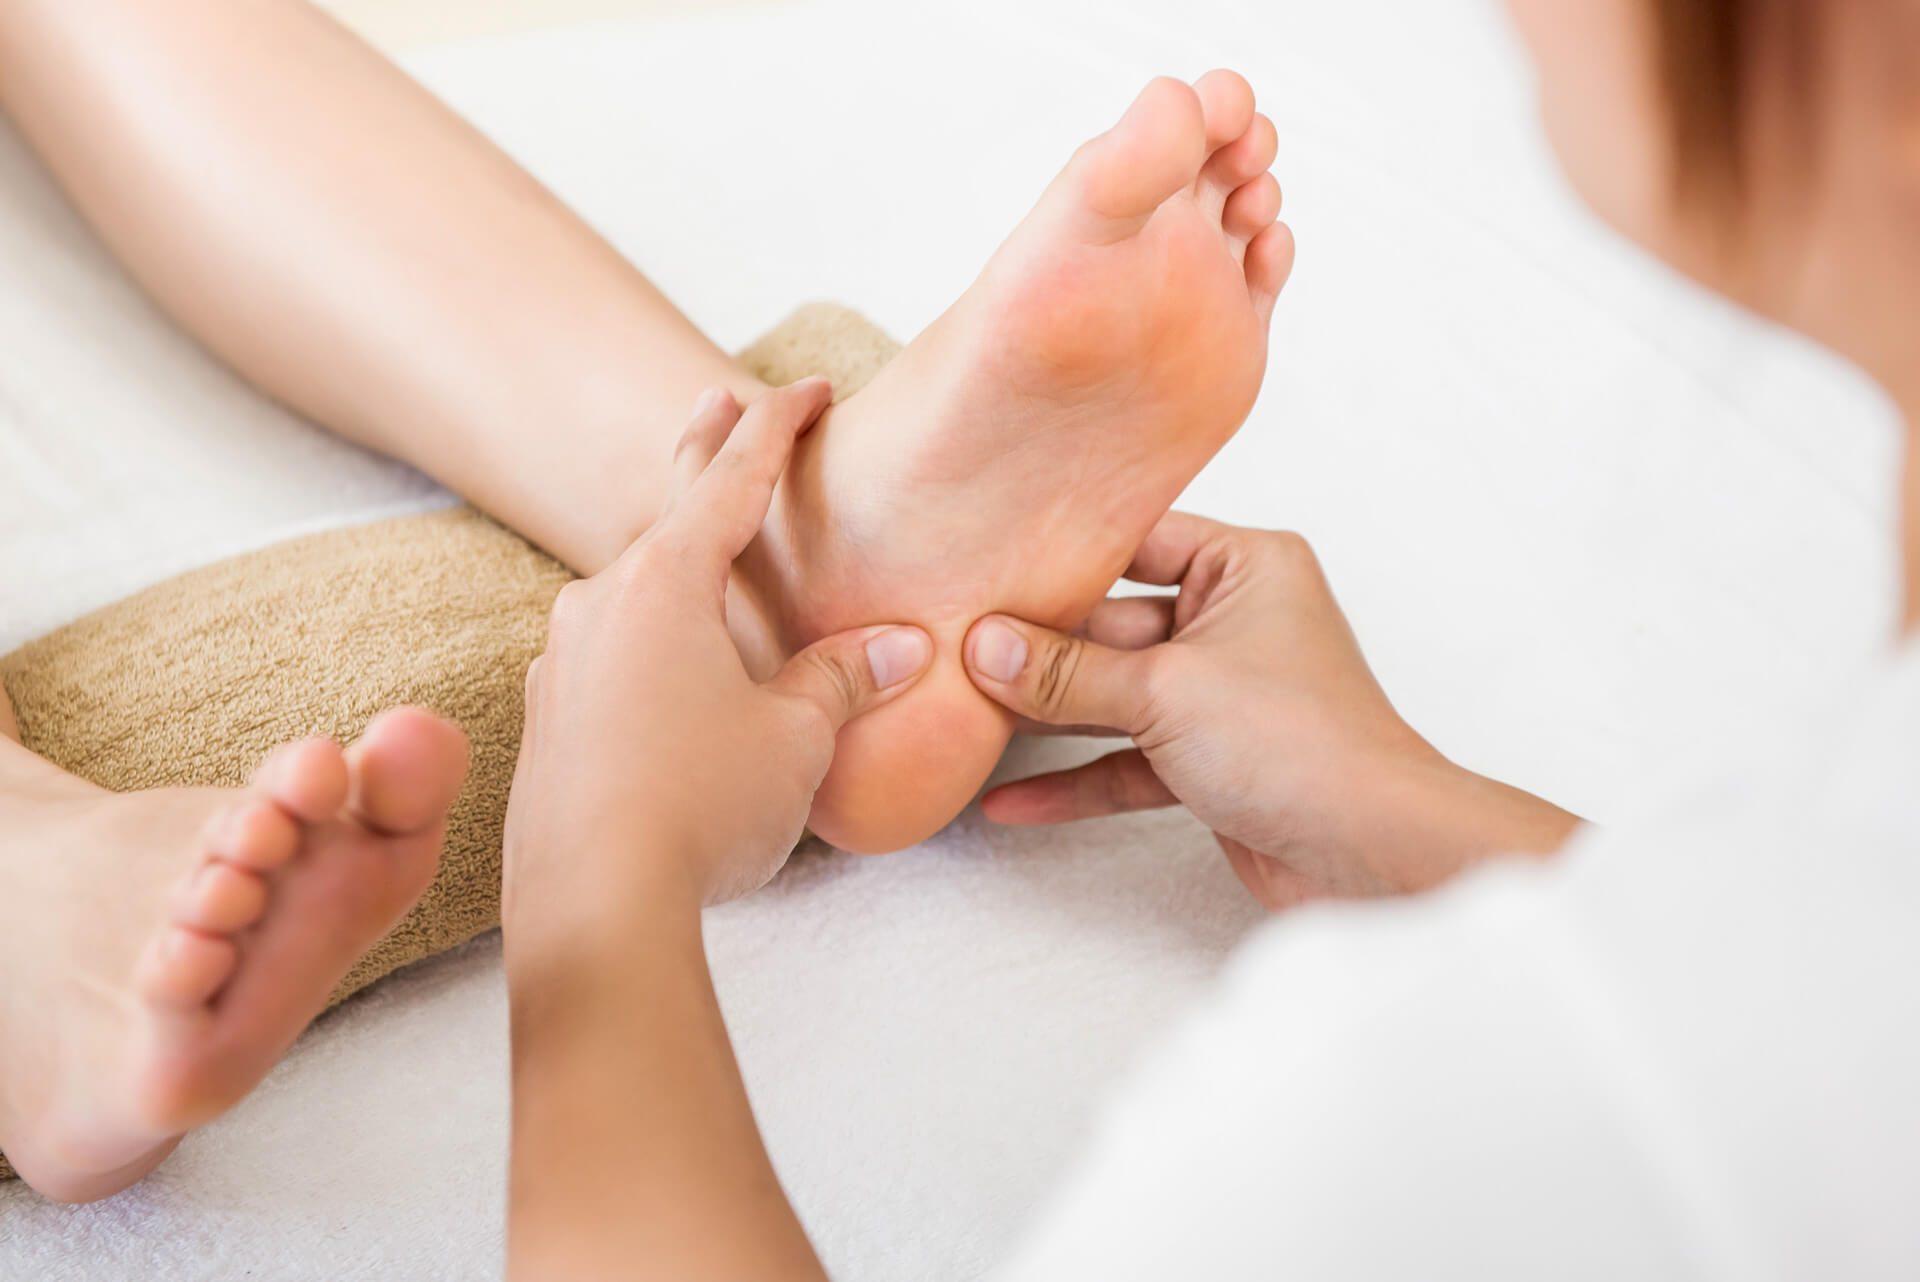 réflexologie plantaire élément eau médecine massage chinois des pieds